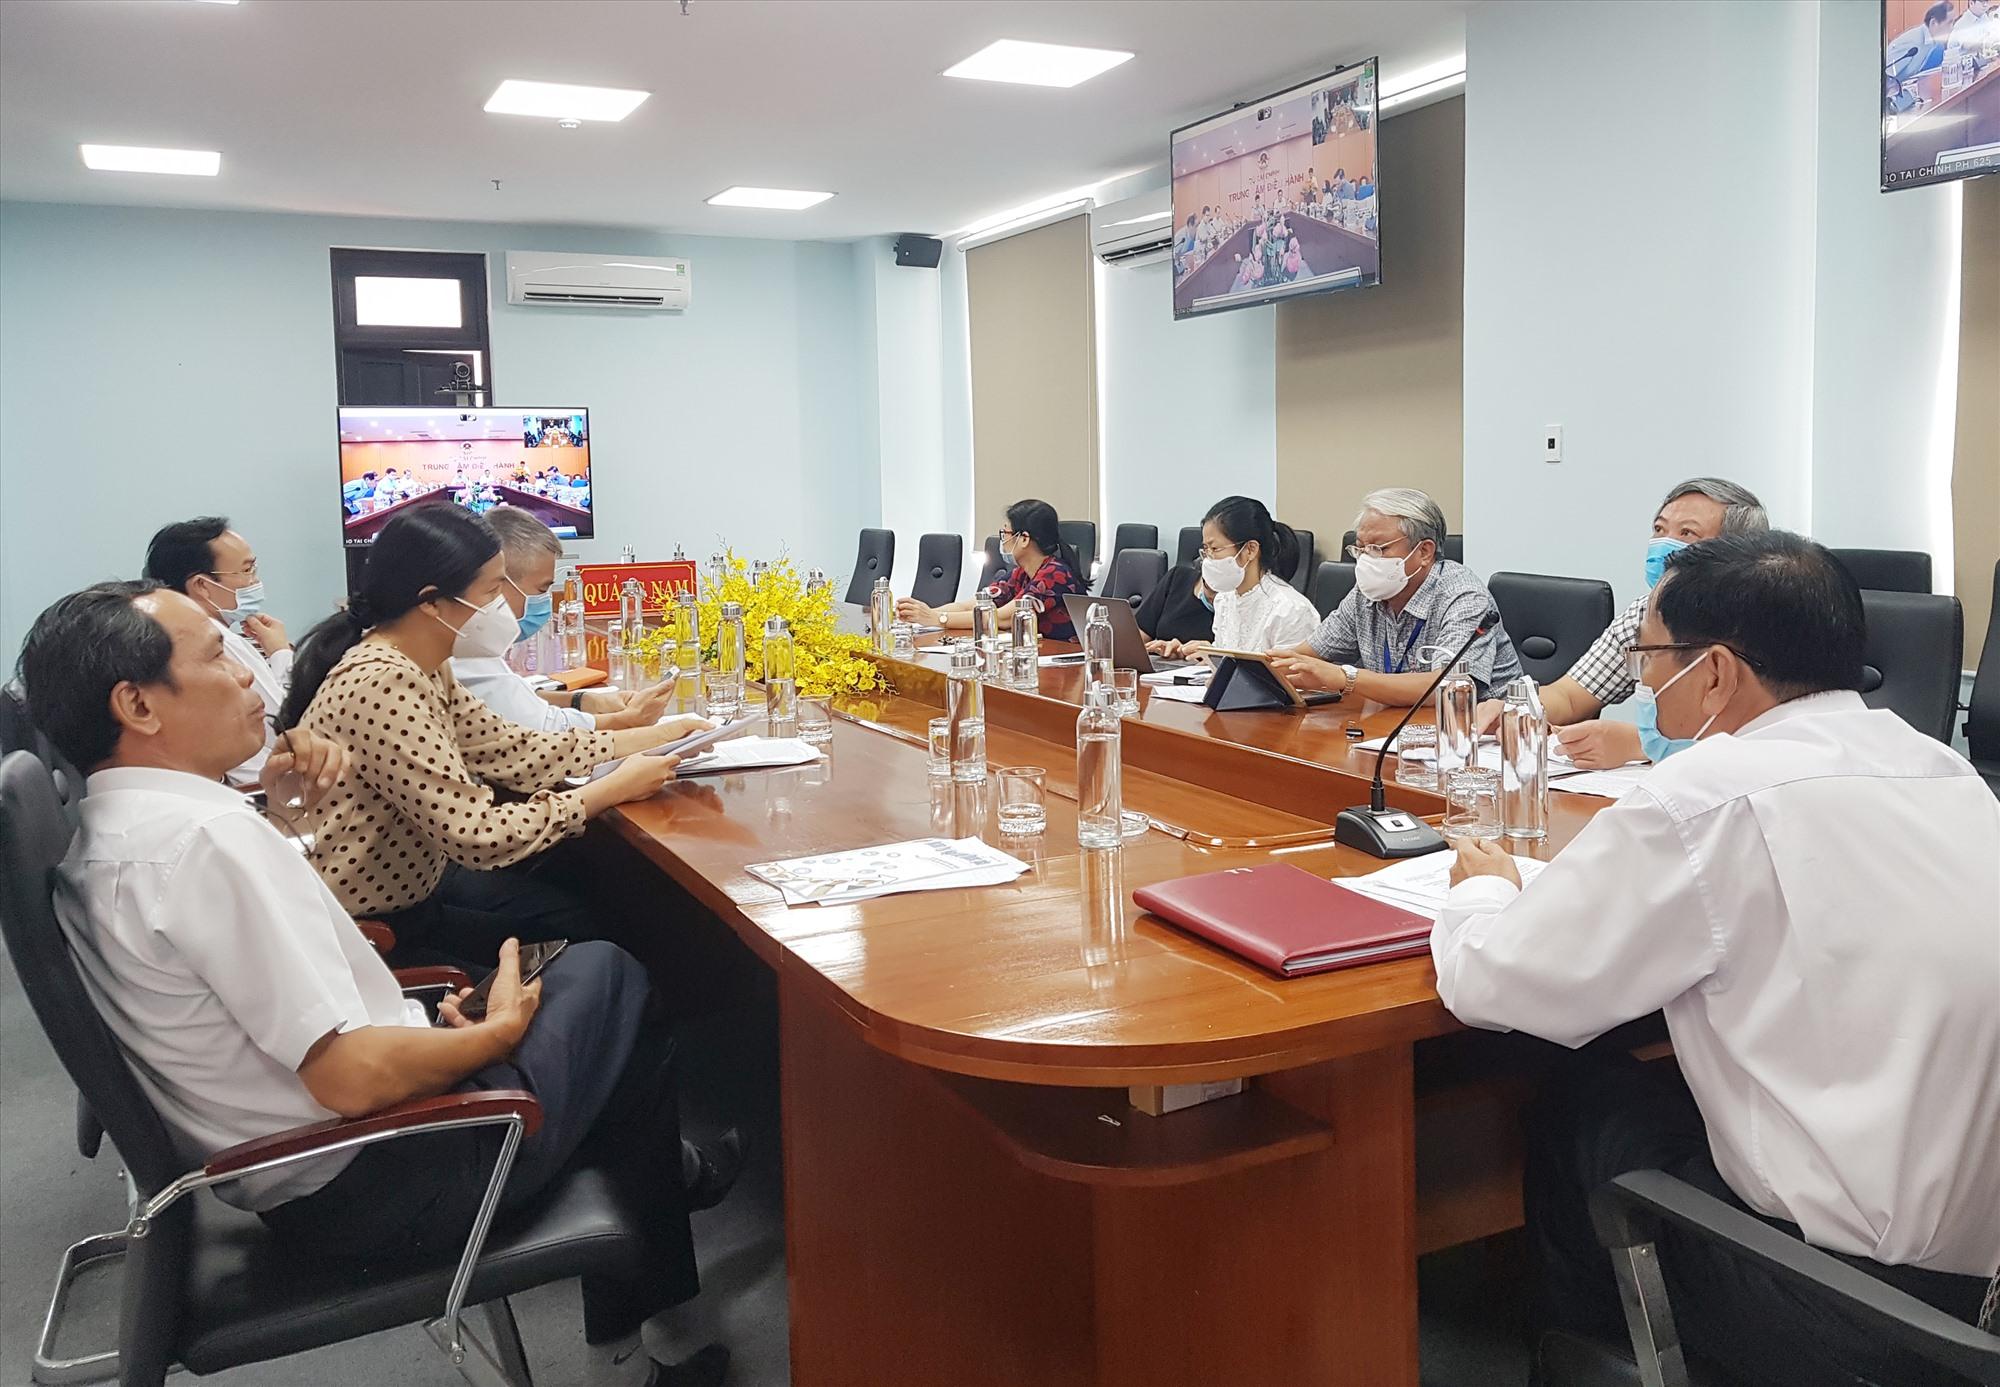 Điểm cầu trực tuyến tại Quảng Nam sáng 31.8. Ảnh: T.CÔNG